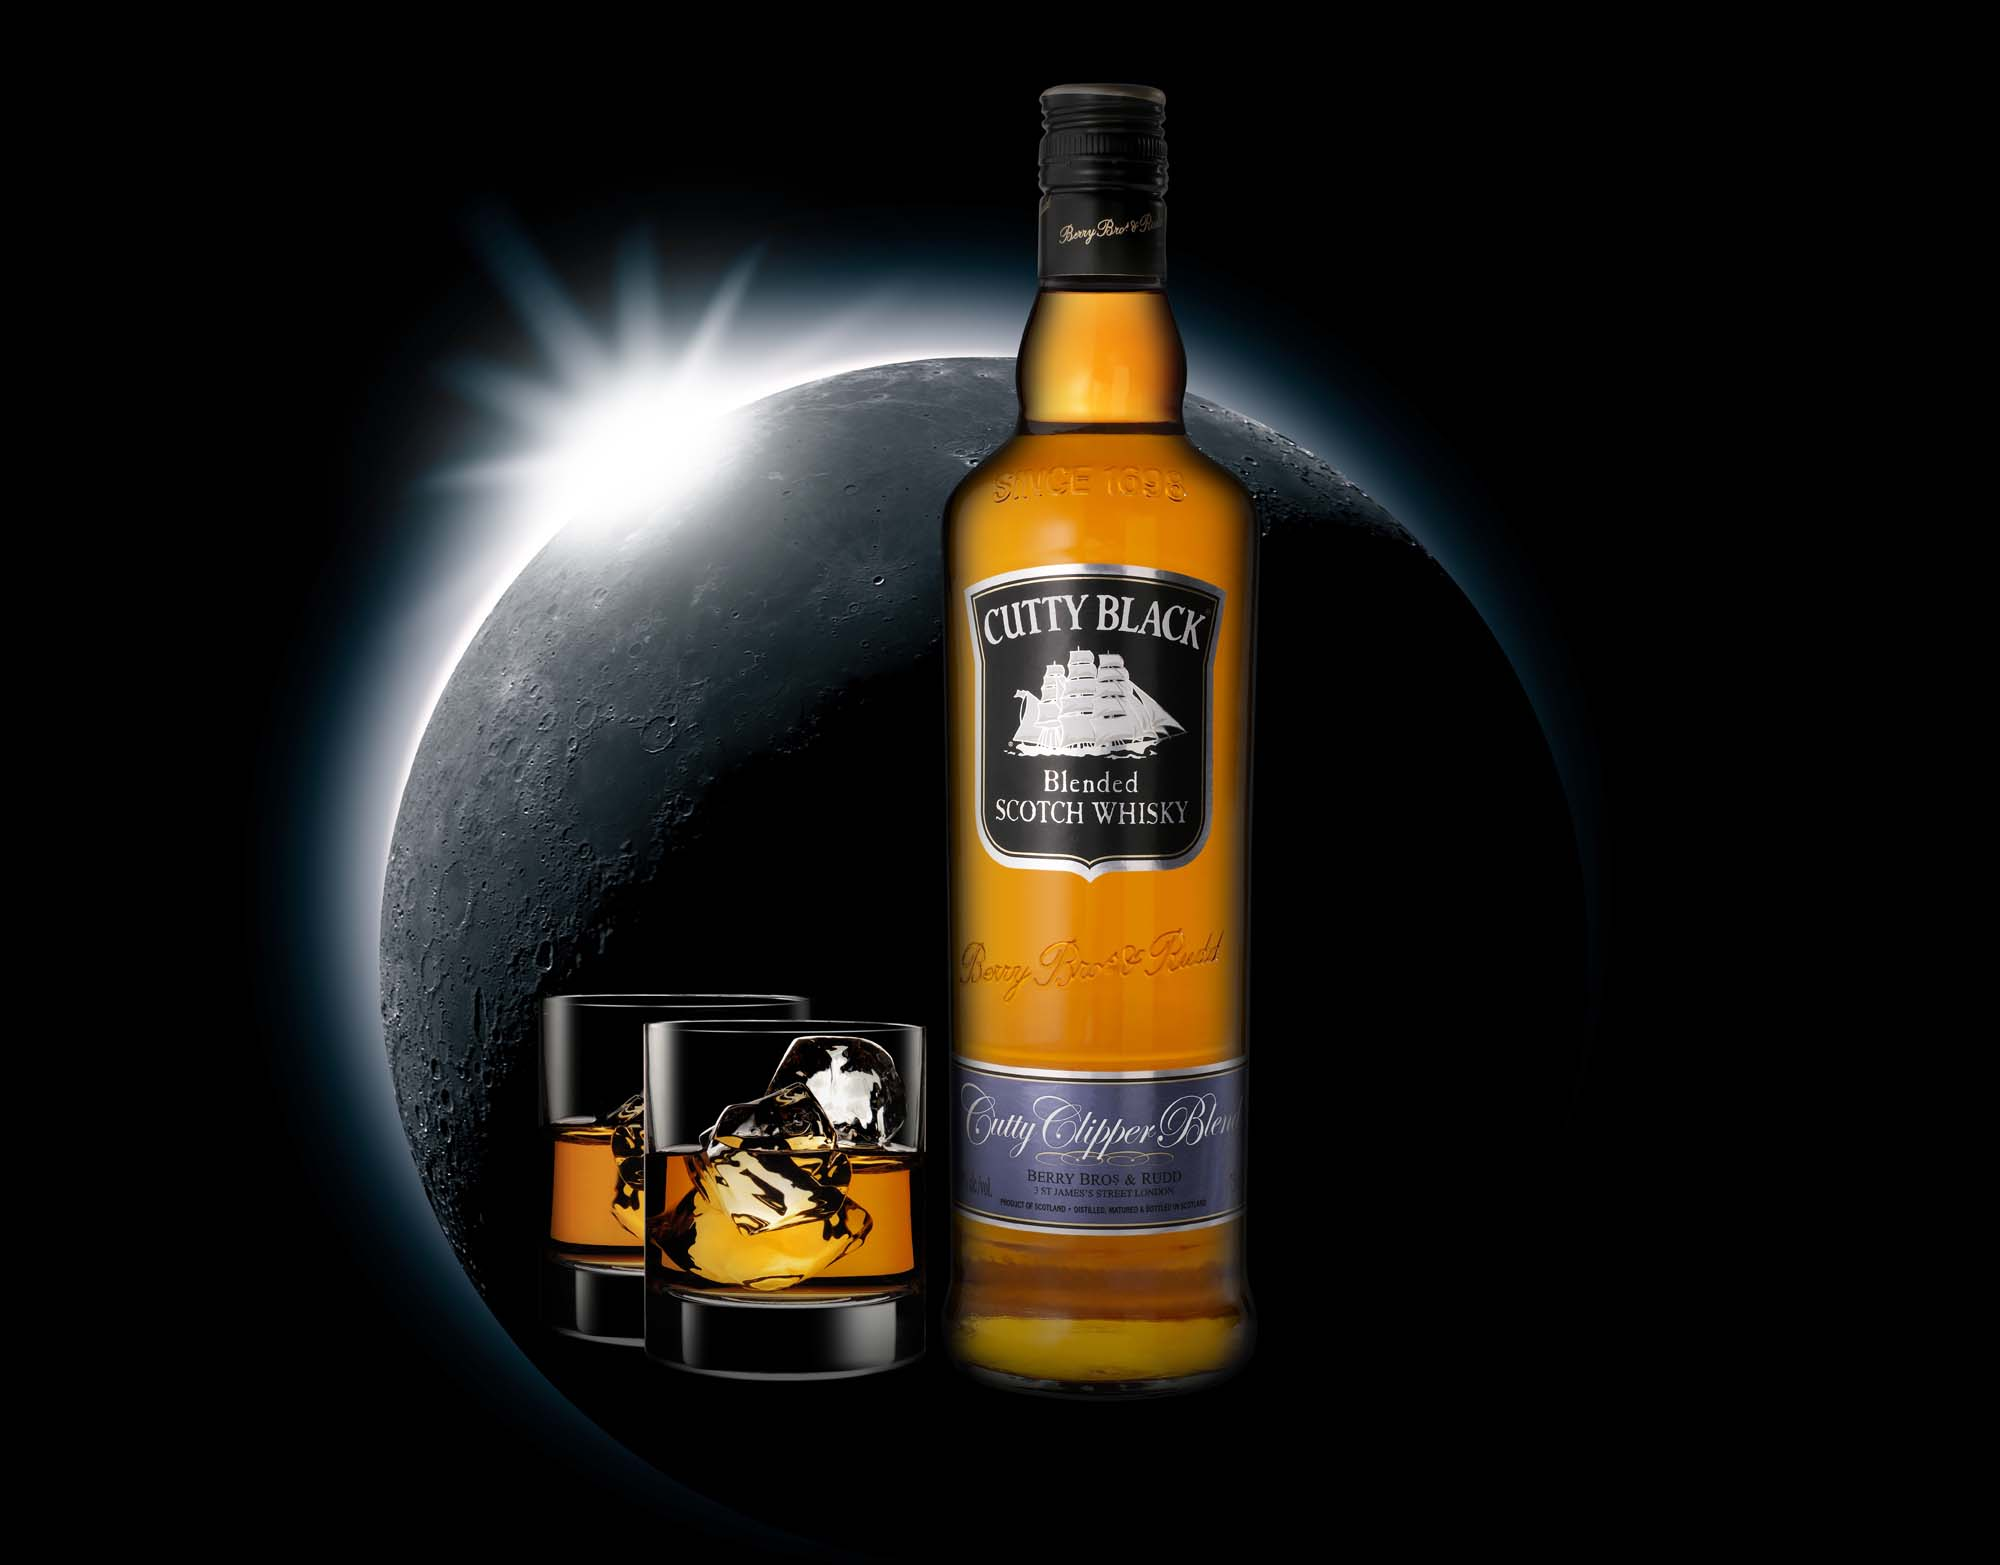 11_Cutty_Black_eclipse_HR